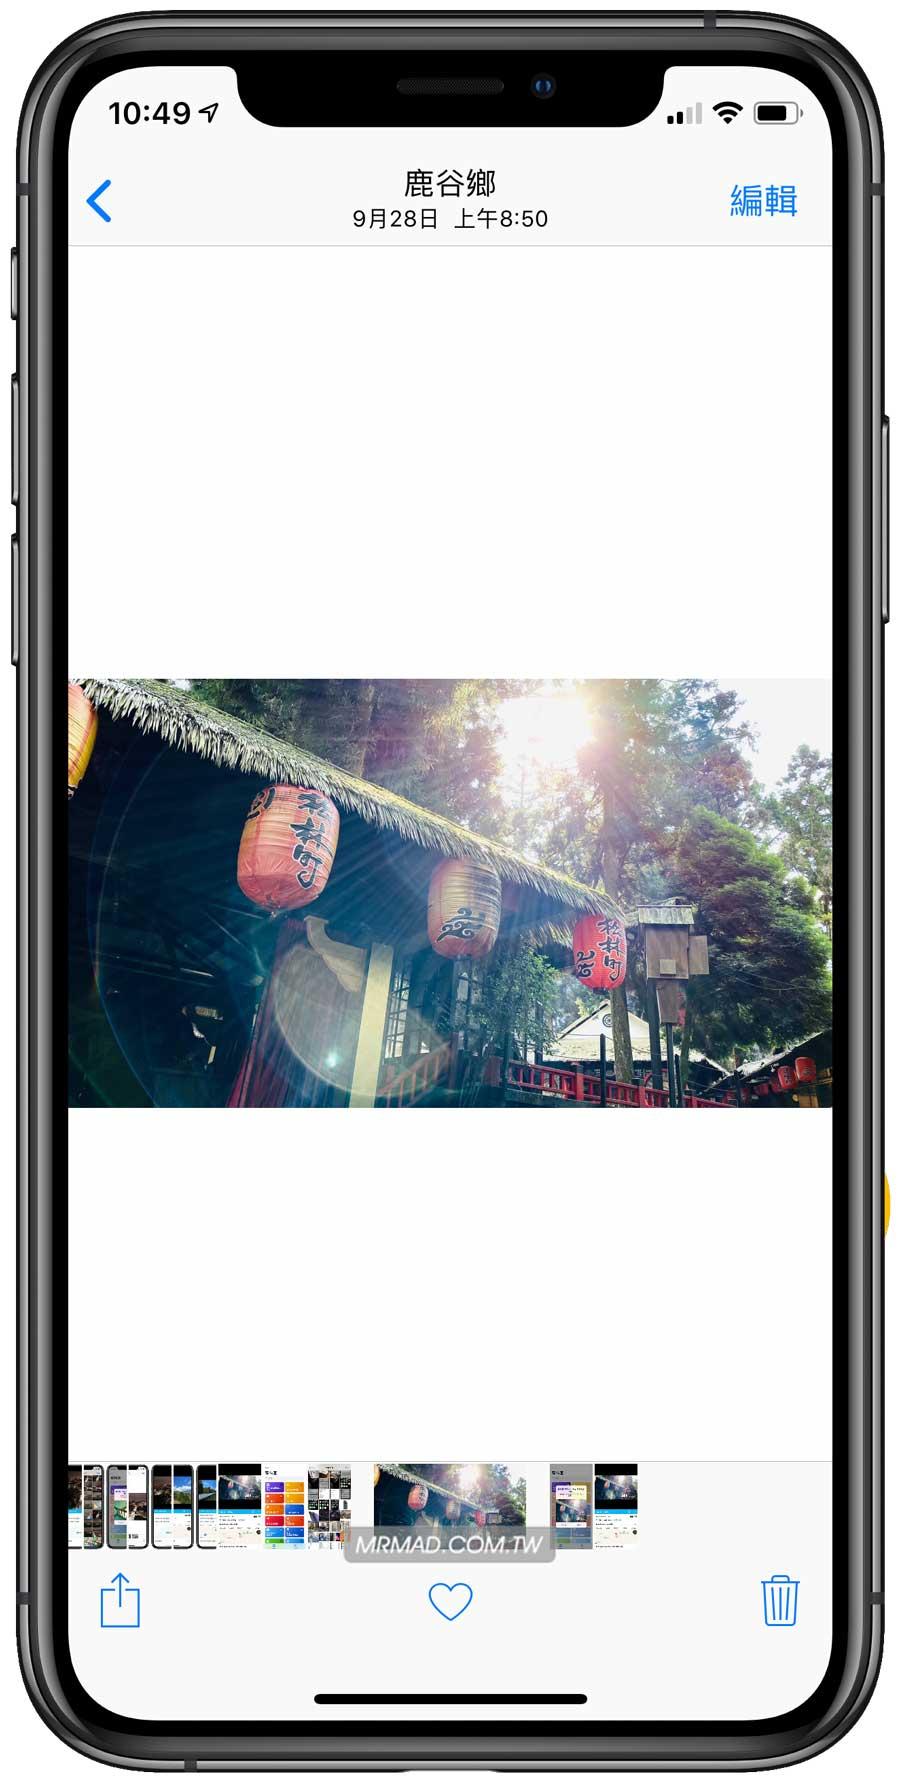 照片JPG轉HEIC 助手:靠捷徑替iPhone照片減肥空間佔用更小